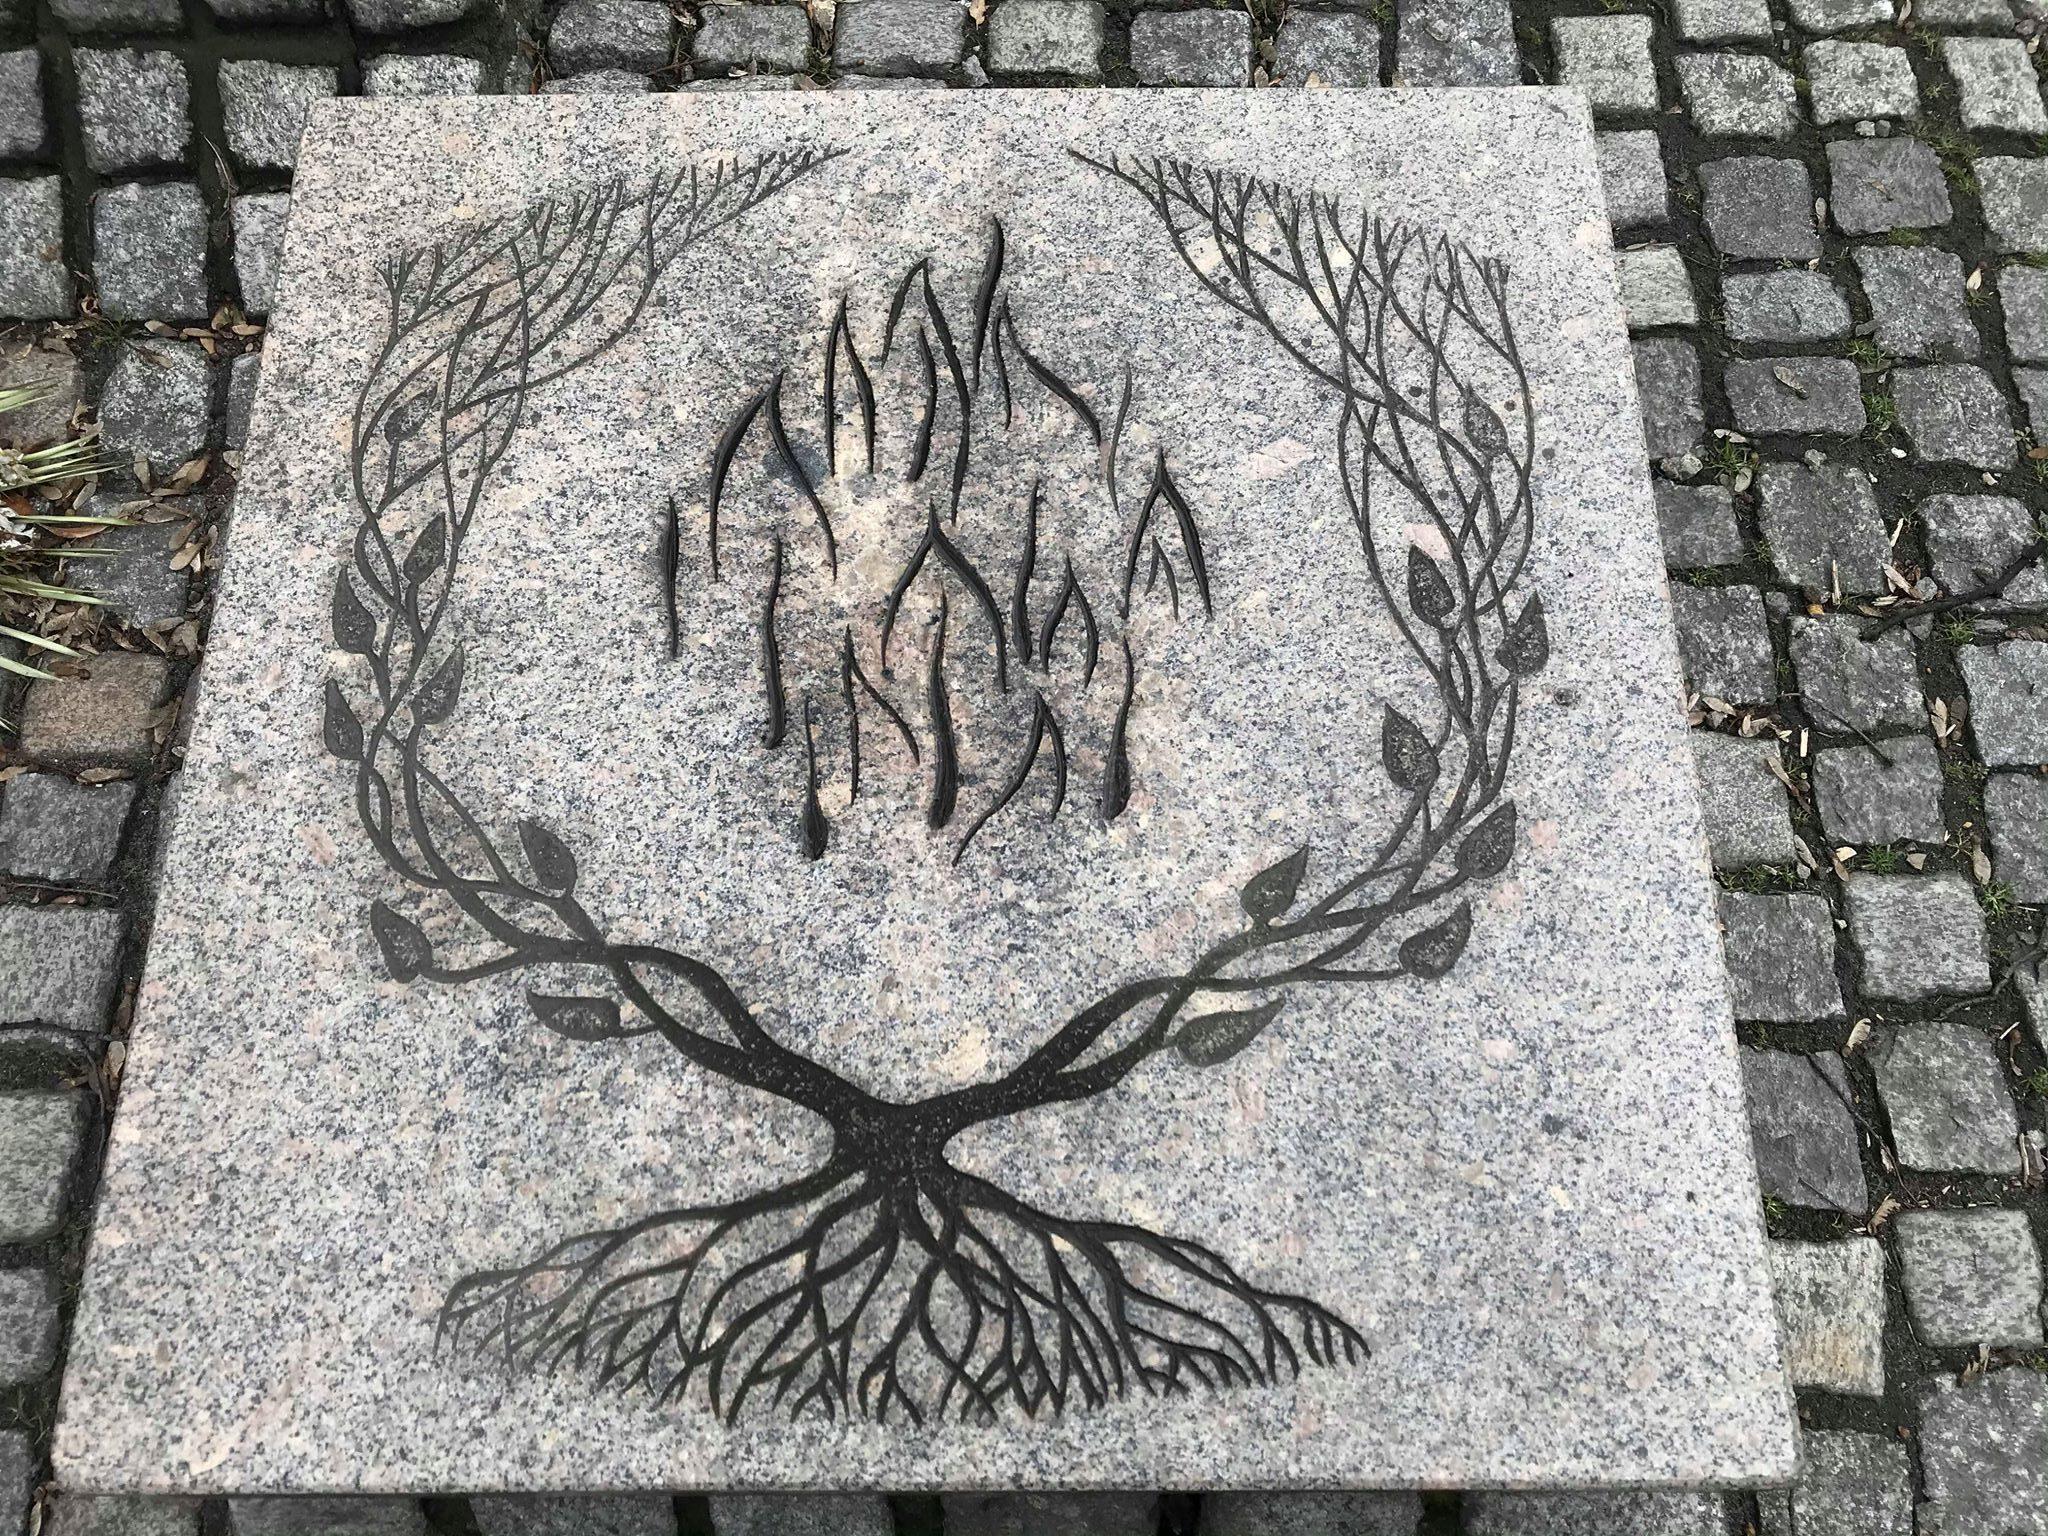 Pamiątkowa płyta pomnika Synagogi Wielkiej w Katowicach. [fot. B. Bednarczuk]